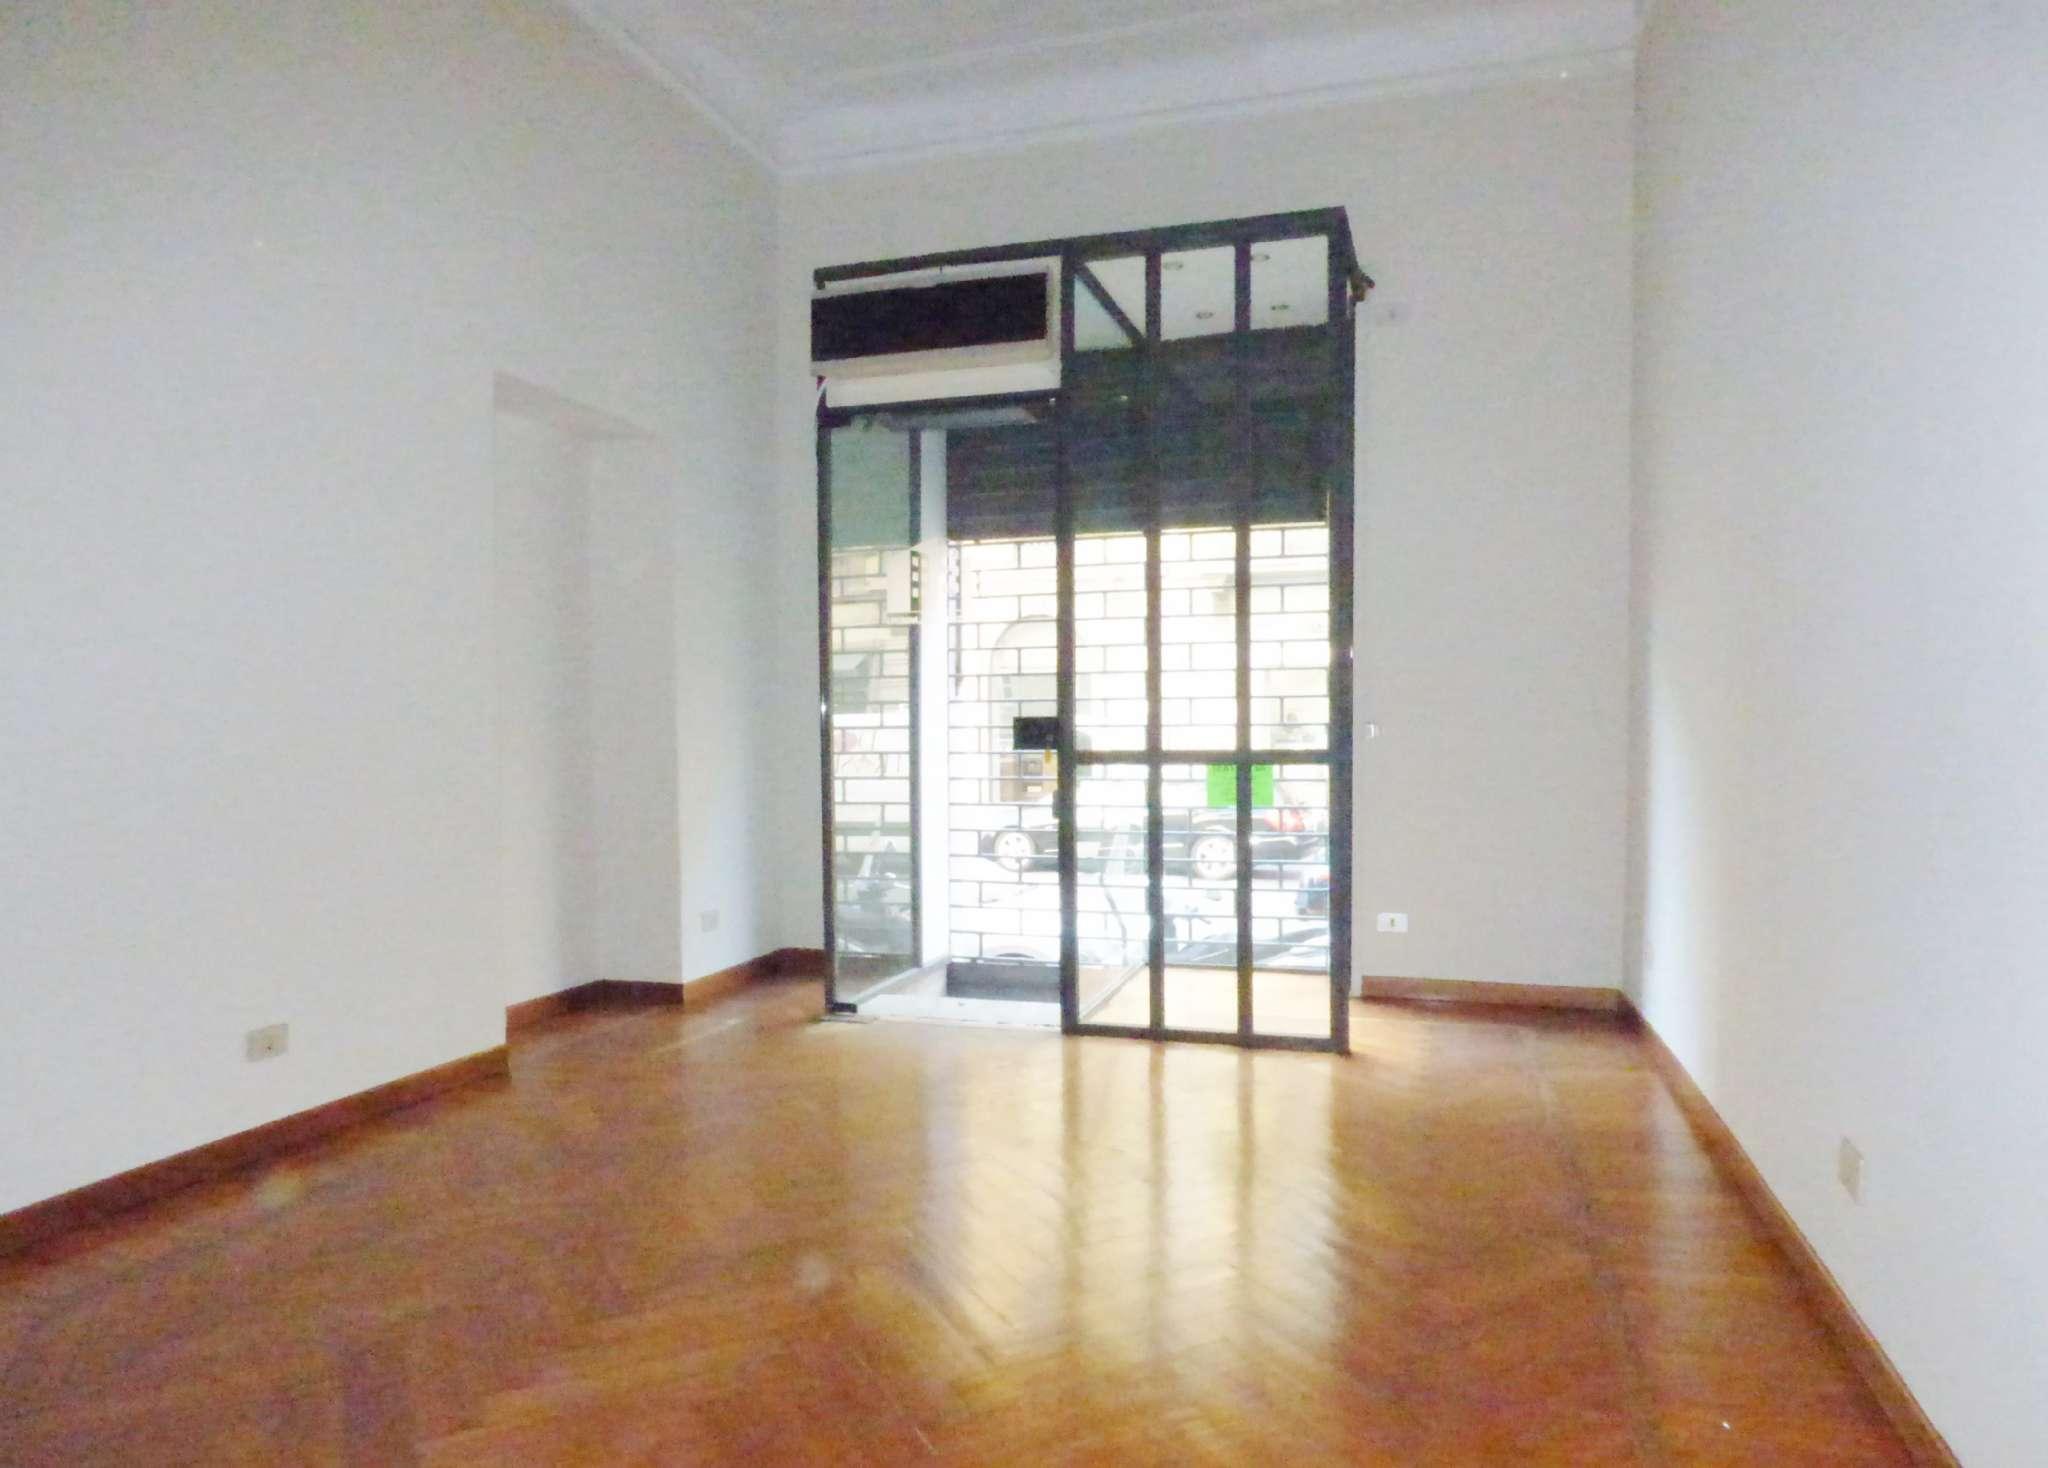 Negozio-locale in Affitto a Milano 01 Centro storico (Cerchia dei Navigli):  2 locali, 50 mq  - Foto 1